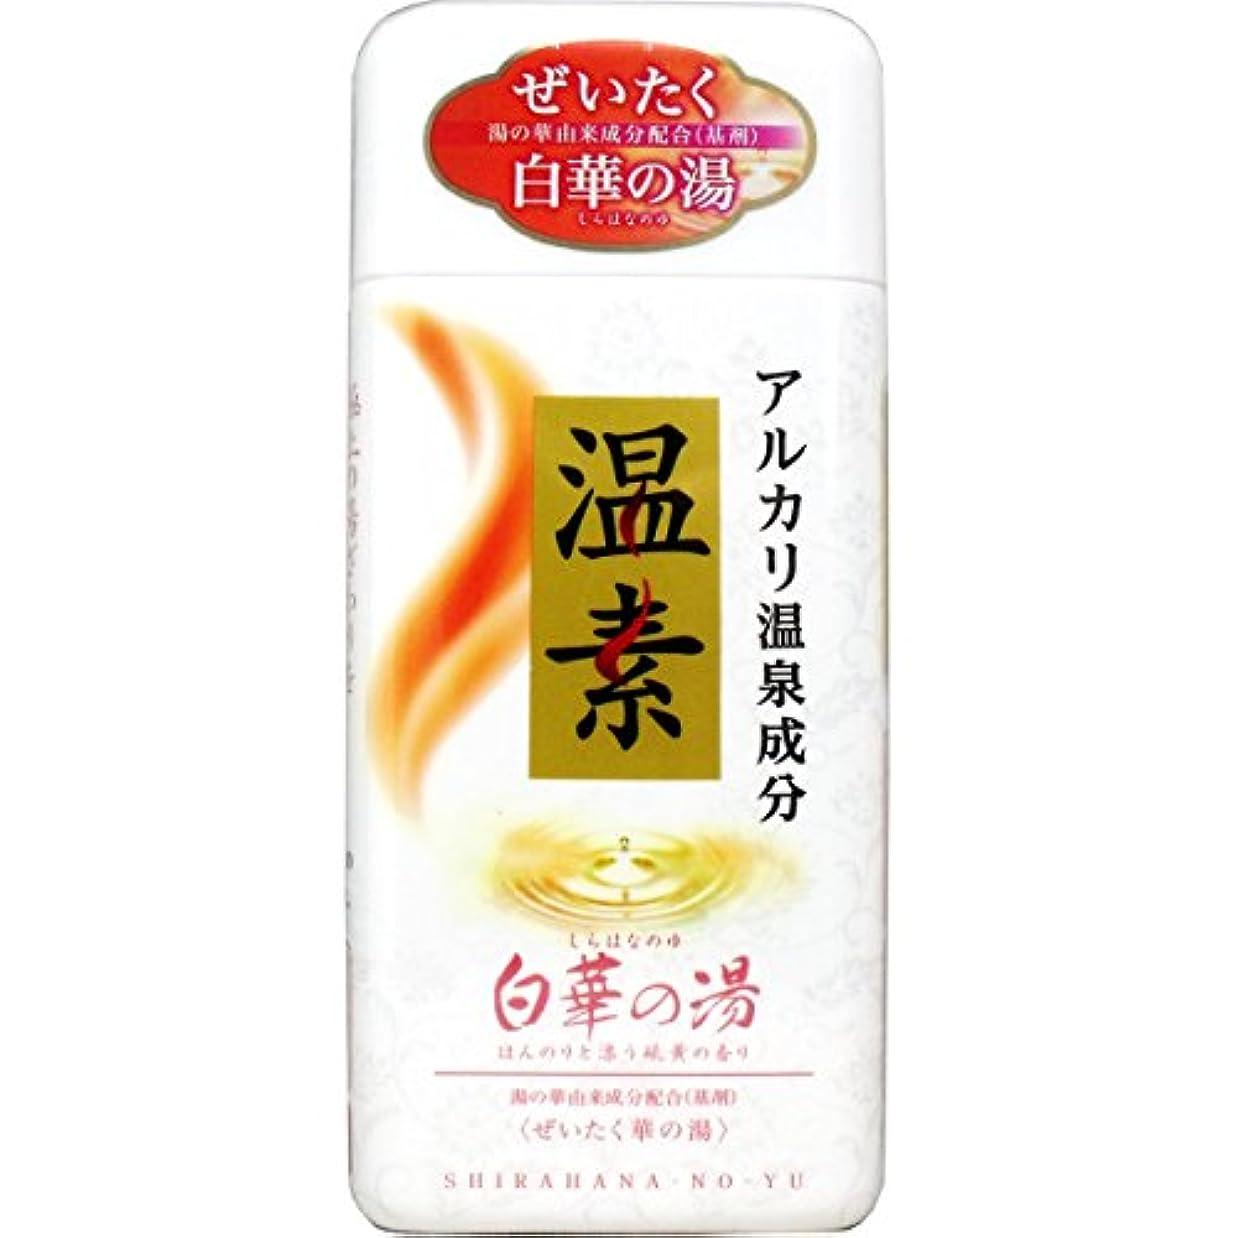 腹九現像お風呂用品 ぜいたく華の湯 本物志向 アルカリ温泉成分 温素 入浴剤 白華の湯 硫黄の香り 600g入